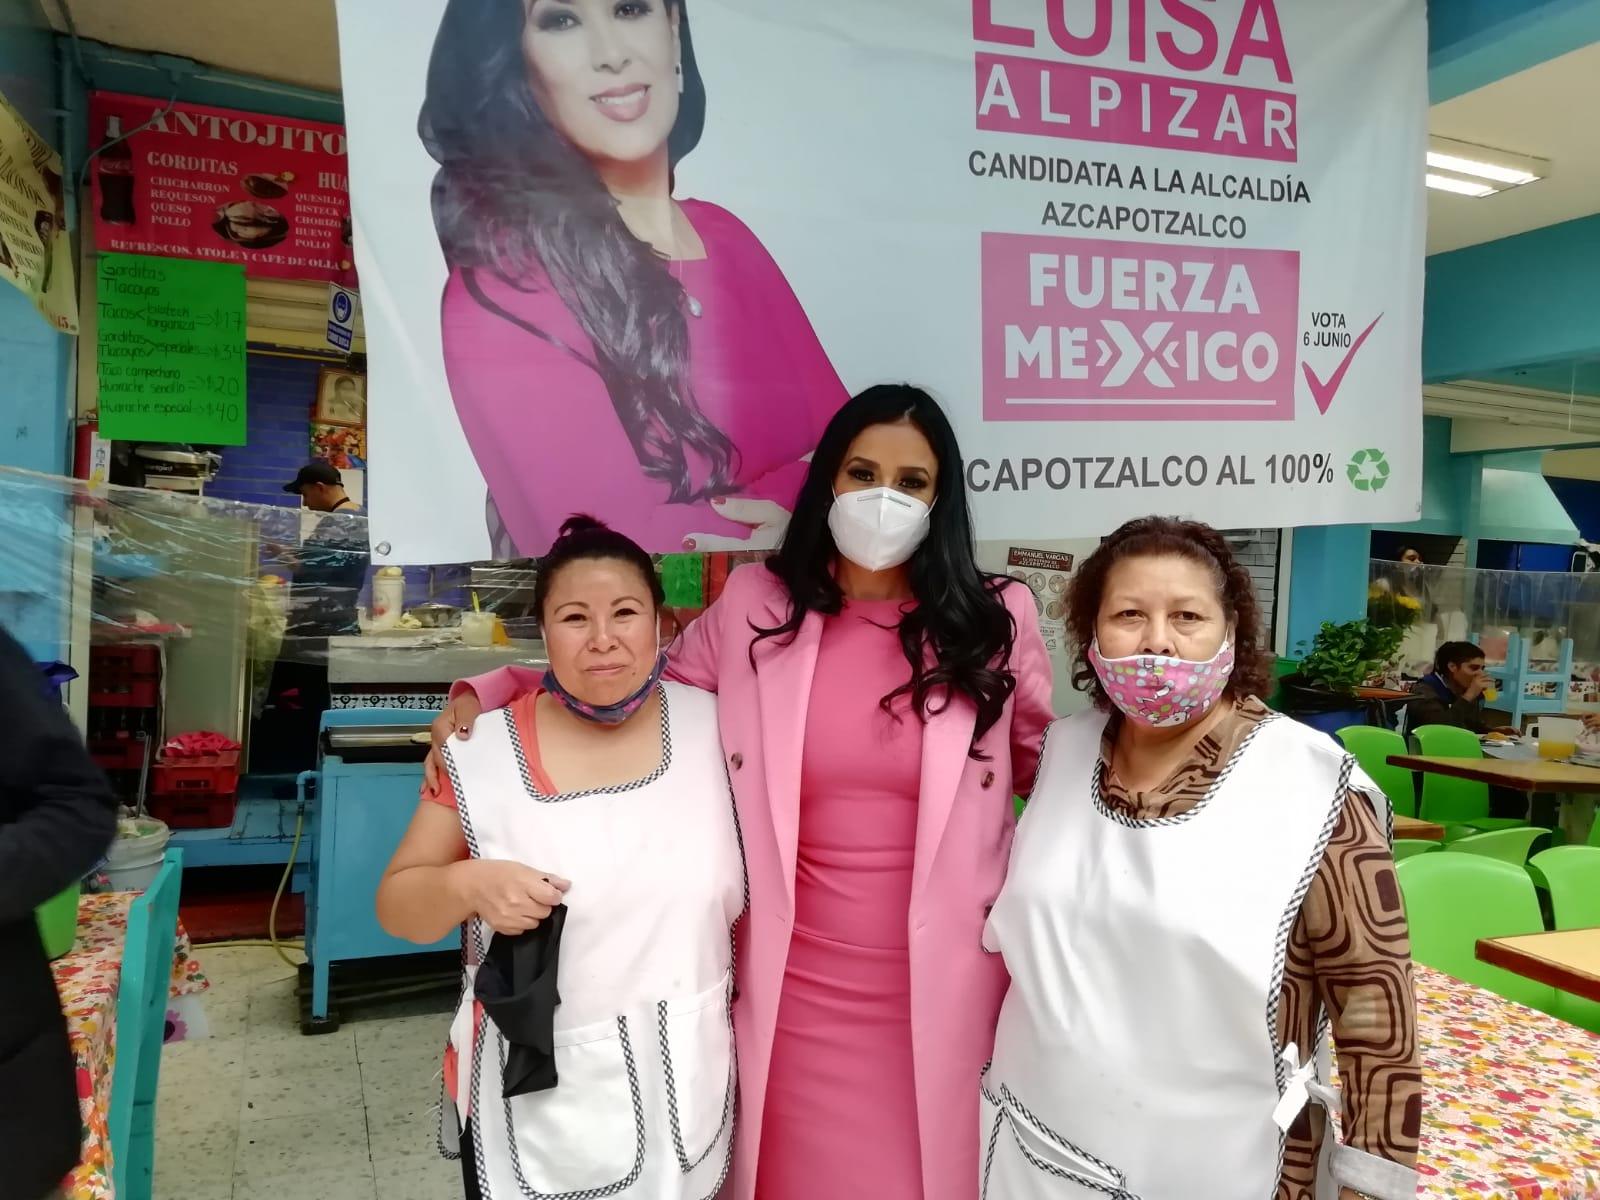 Vecinos y comerciantes de Tlatilco ofrecen su voto a Luisa Alpízar